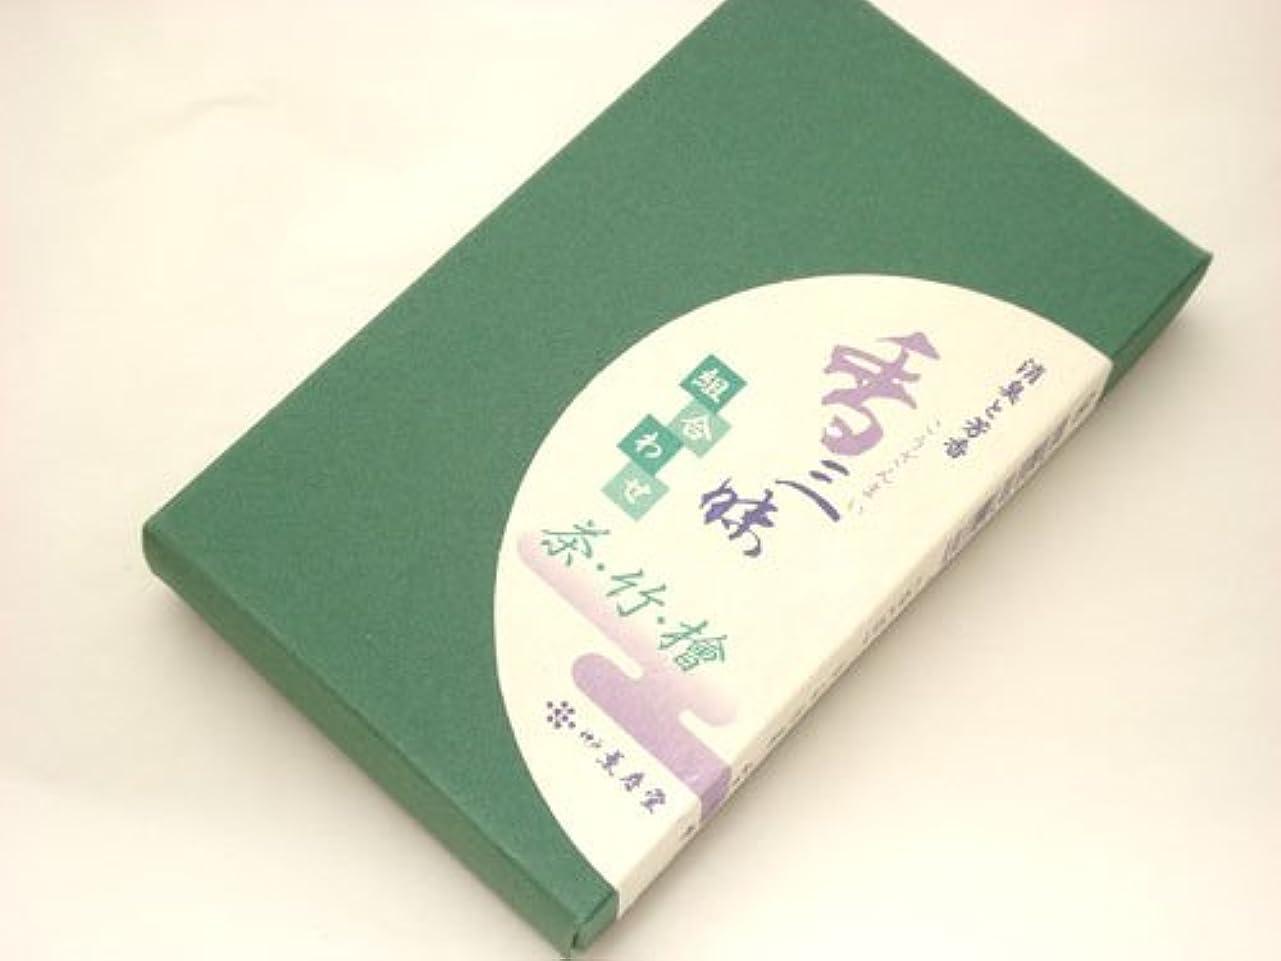 飛ぶオンス馬力楽しむ香り!香三昧(こうざんまい) 茶?竹?檜アソート 【スティック】